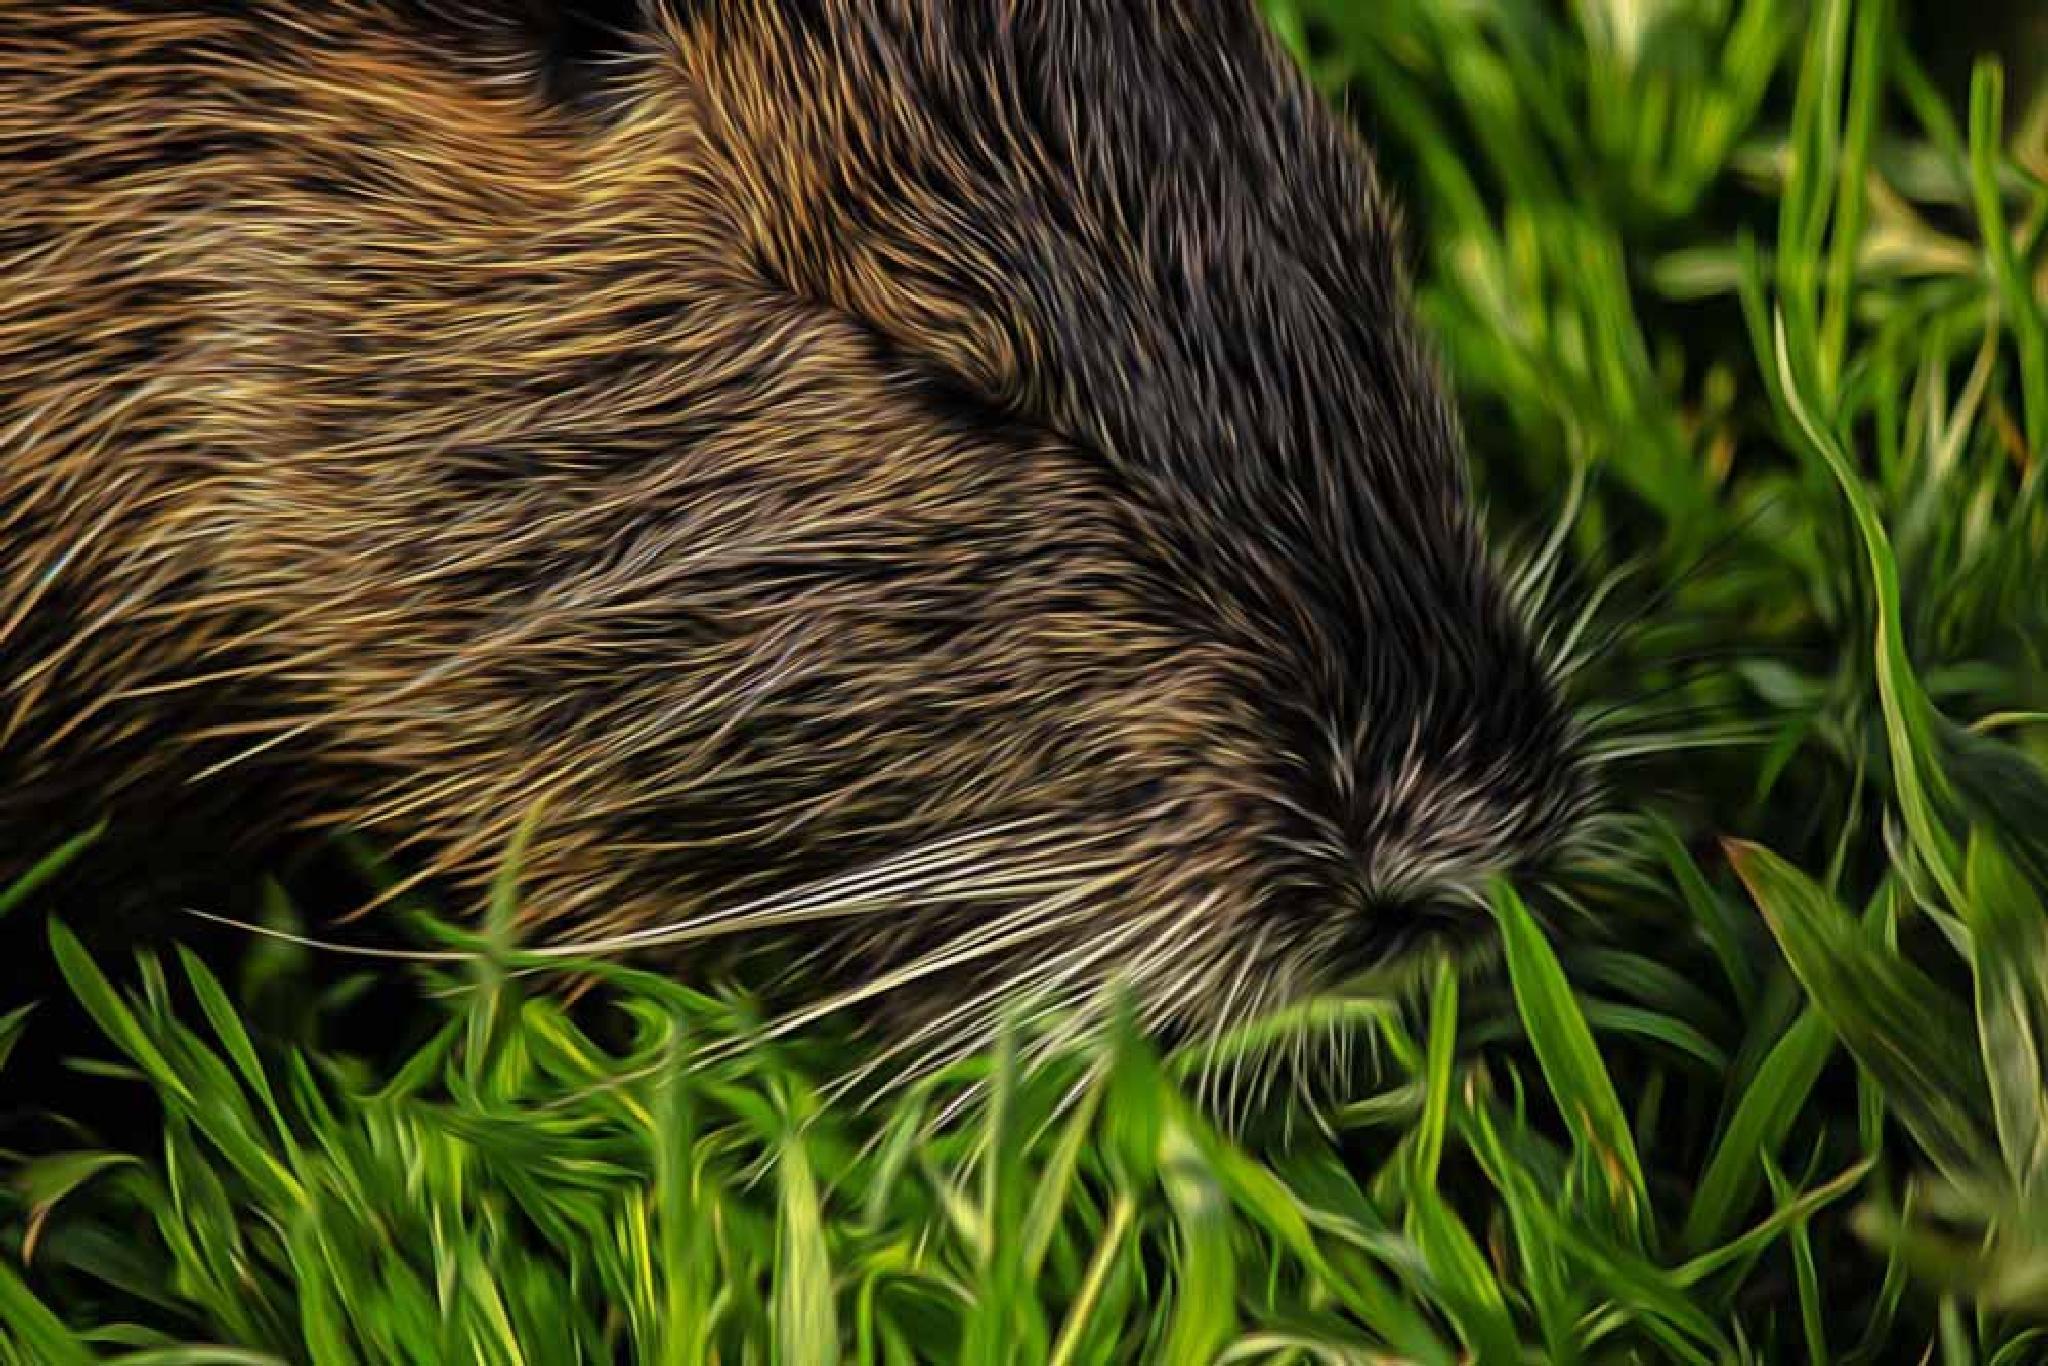 capybara by Myra T.Silva